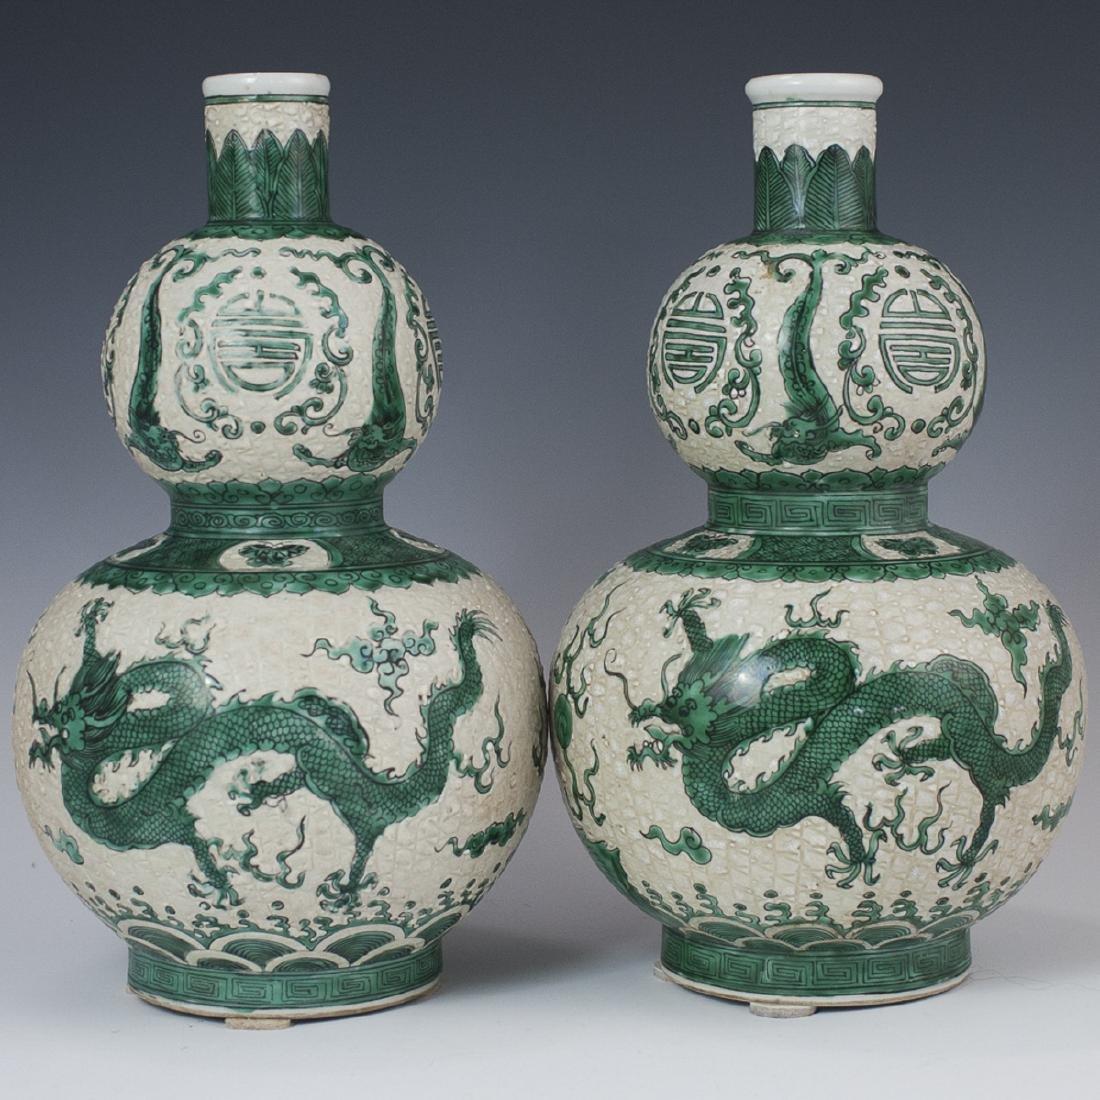 Chinese Porcelain Famille Verte Double Gourd Vases